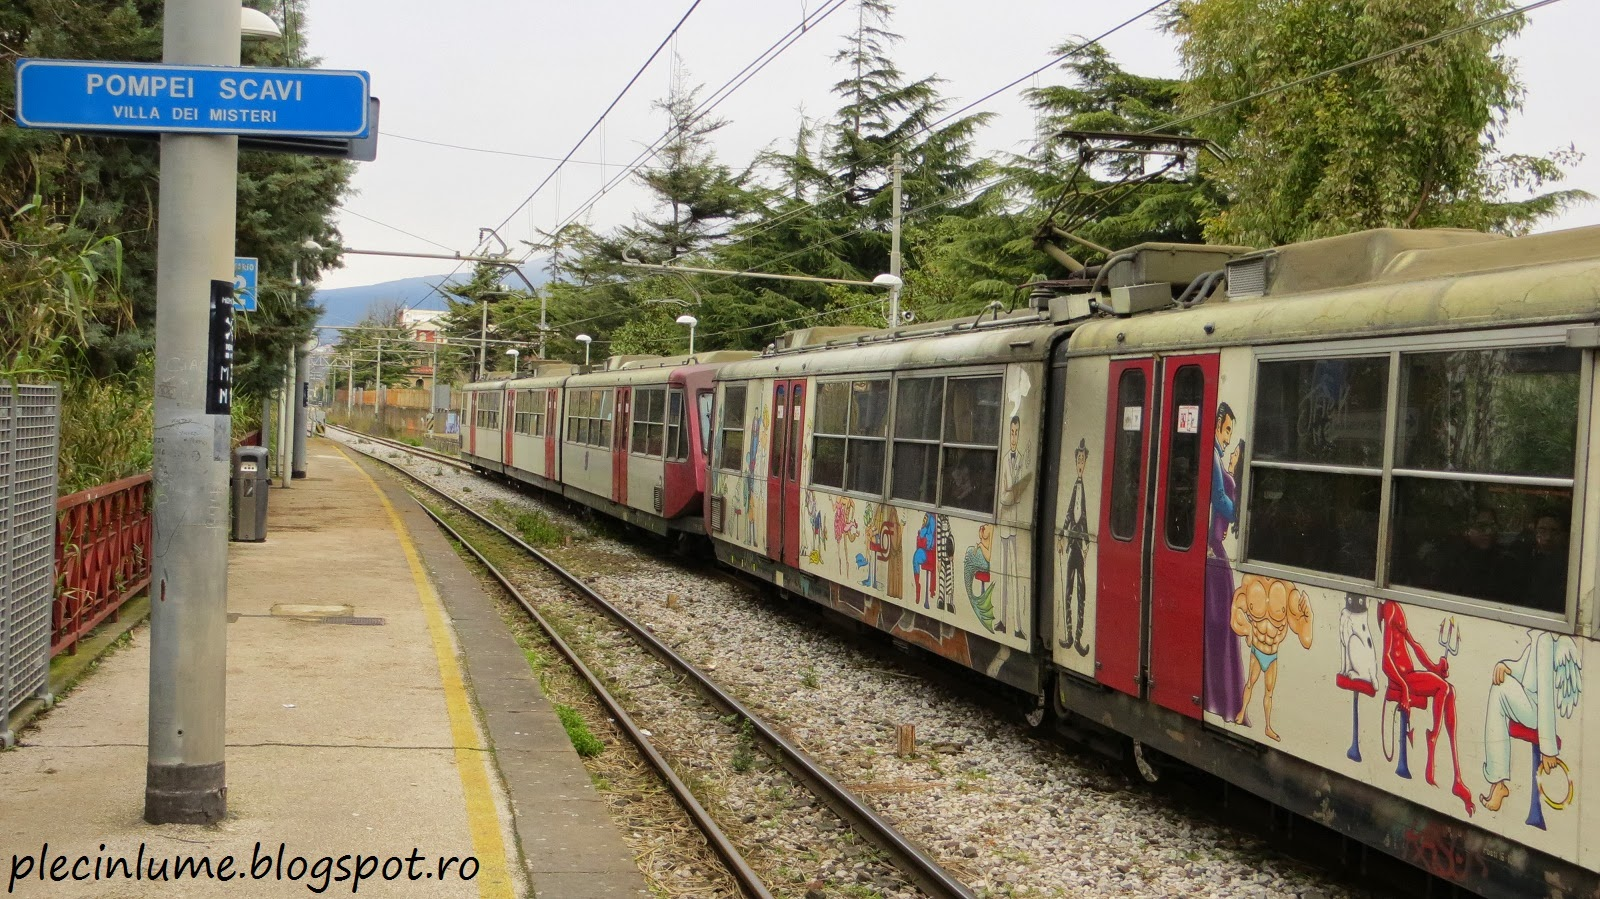 Gara din Pompei